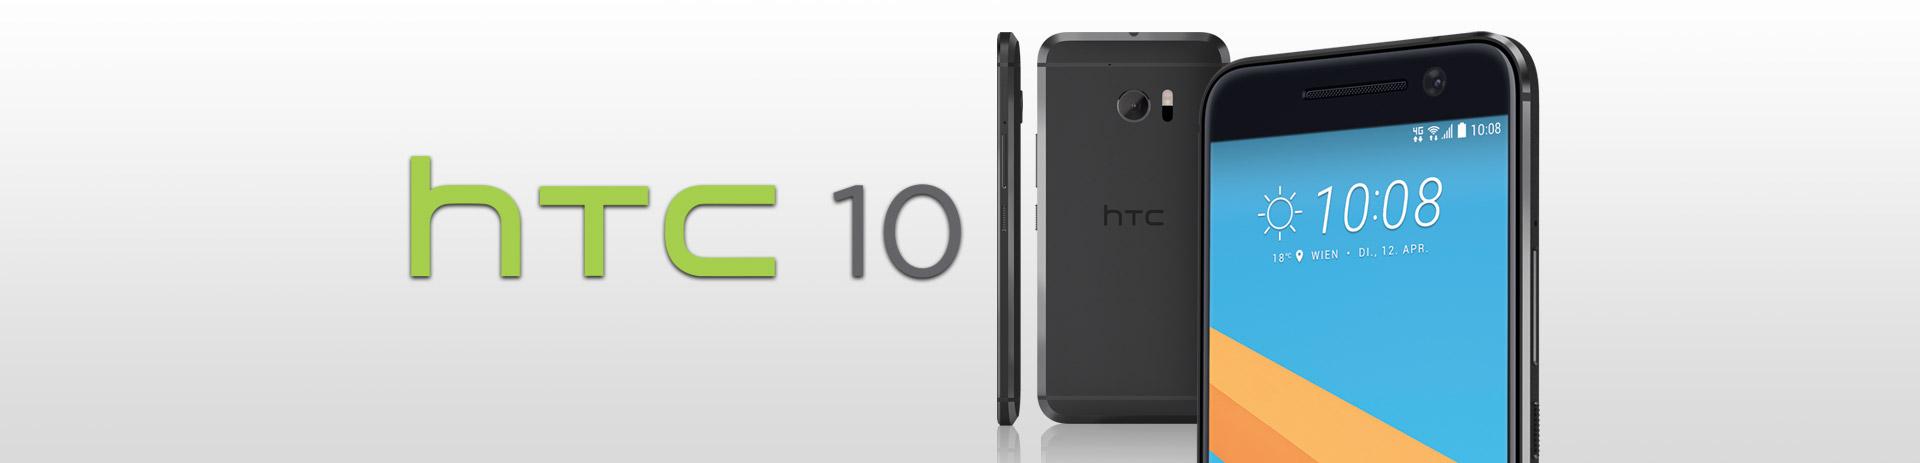 HTC 10 aus allen Blickwinkeln